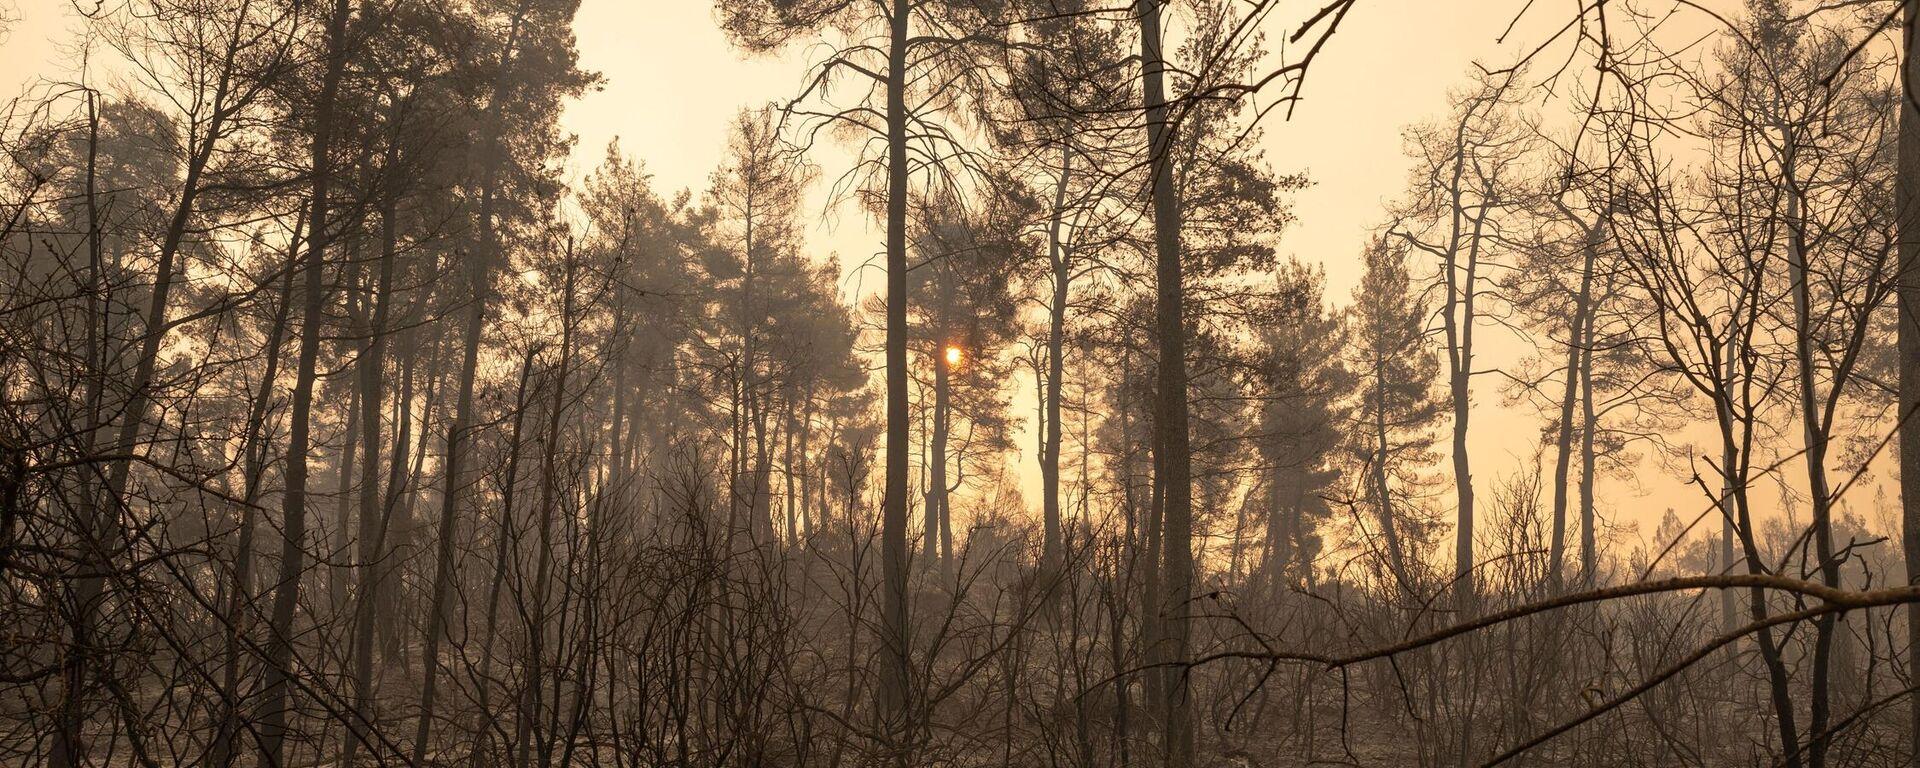 Καμένες εκτάσεις από τη φωτιά στην Εύβοια - Sputnik Ελλάδα, 1920, 13.08.2021